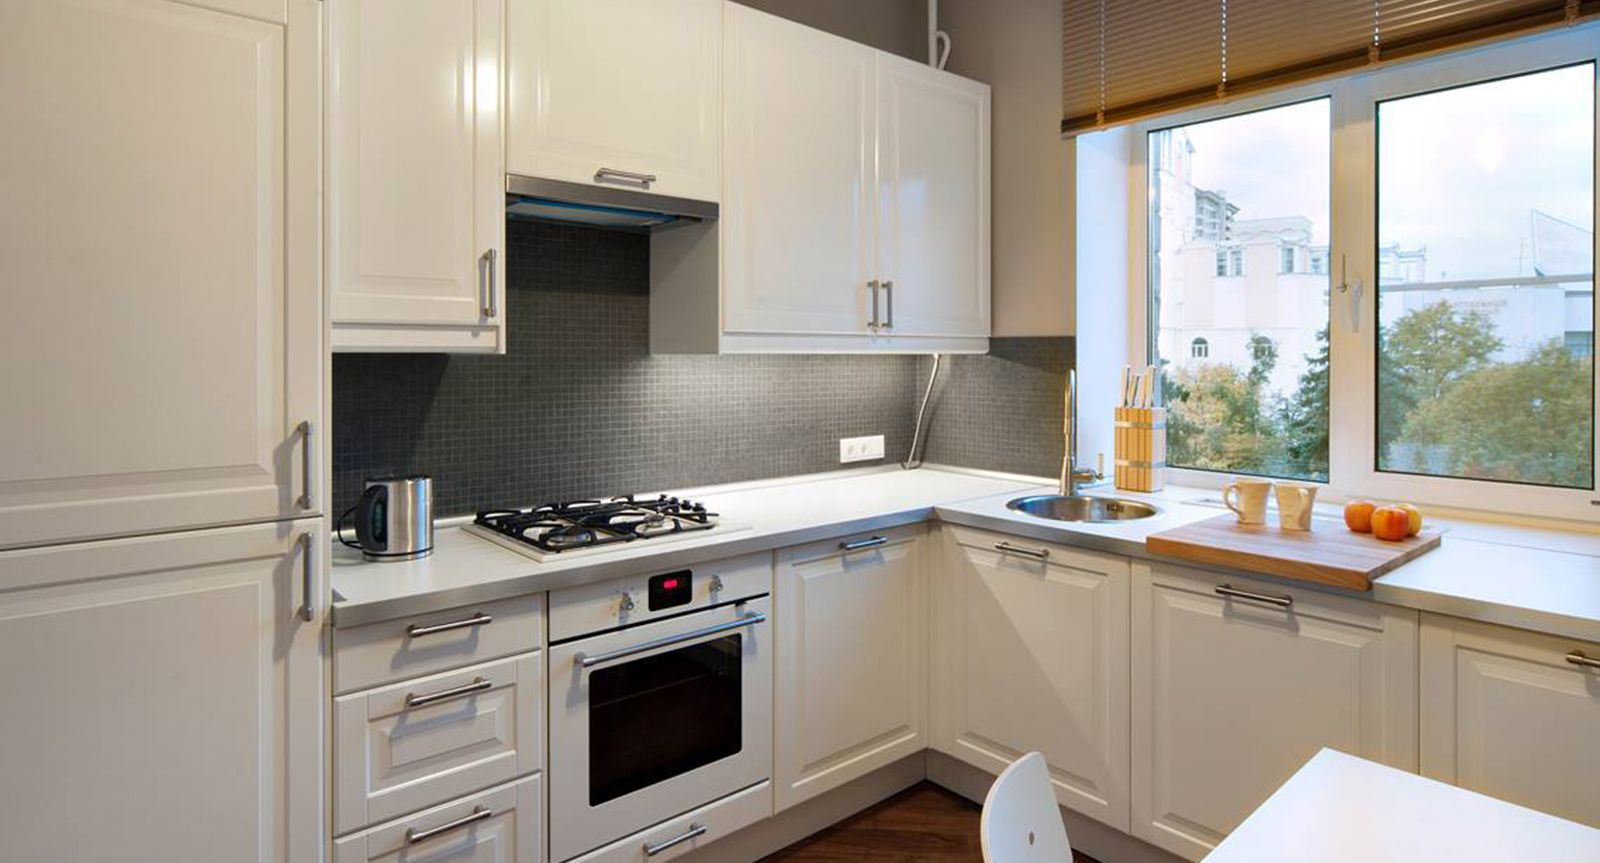 дизайн интерьера для малогабаритных кухонь с окном